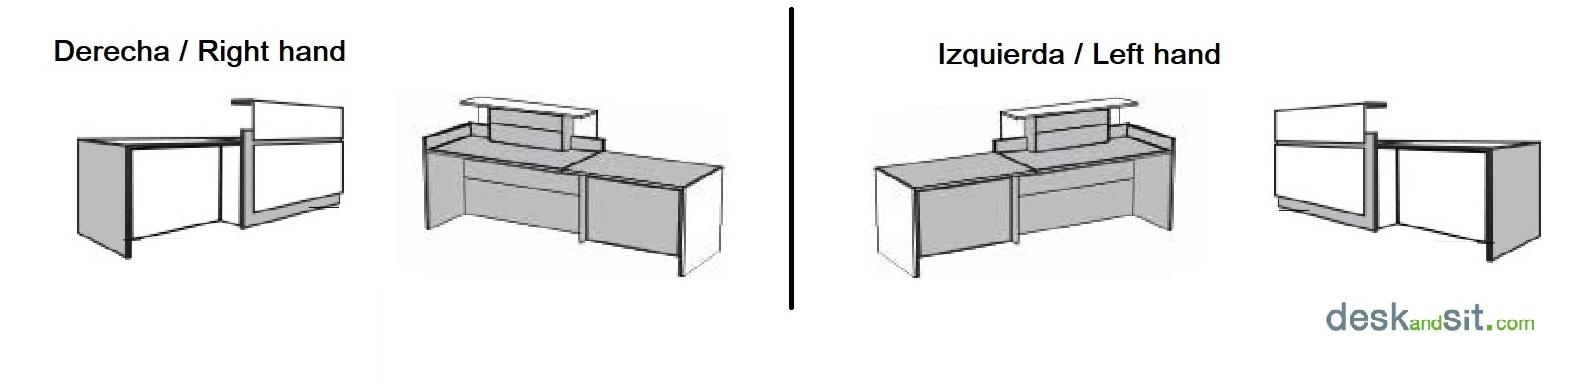 Mesa mostrador de recepción con area de atencion personalizada y leds a derecha o izquierda